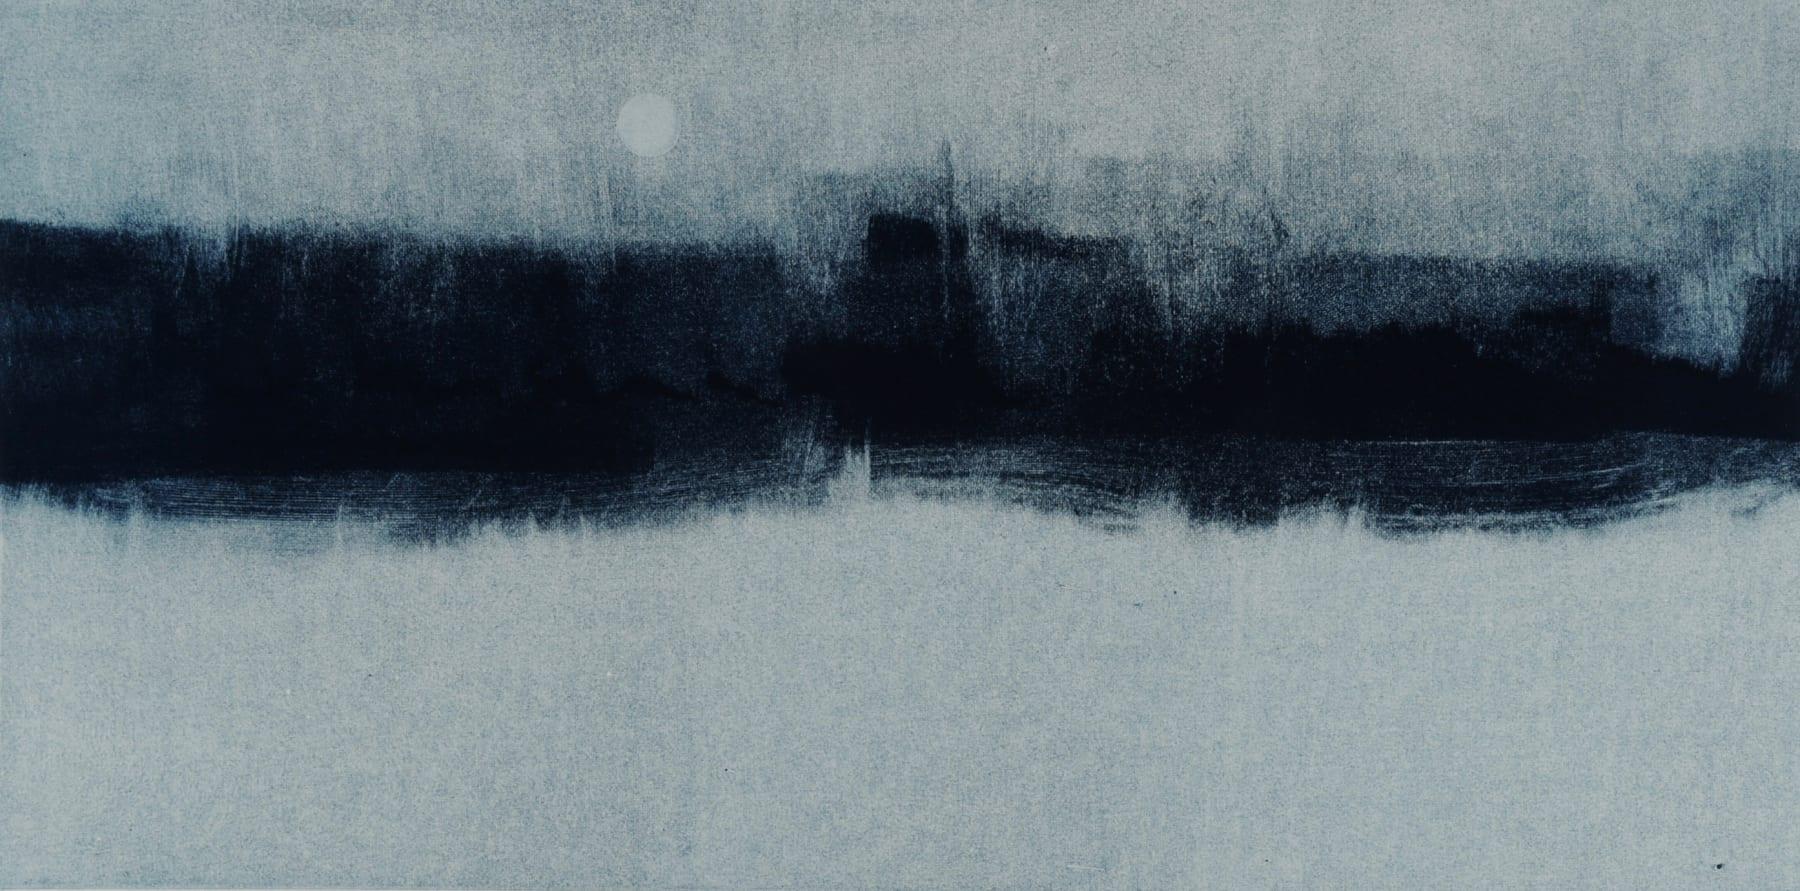 Nigel Swift, Frozen Lake, 2020